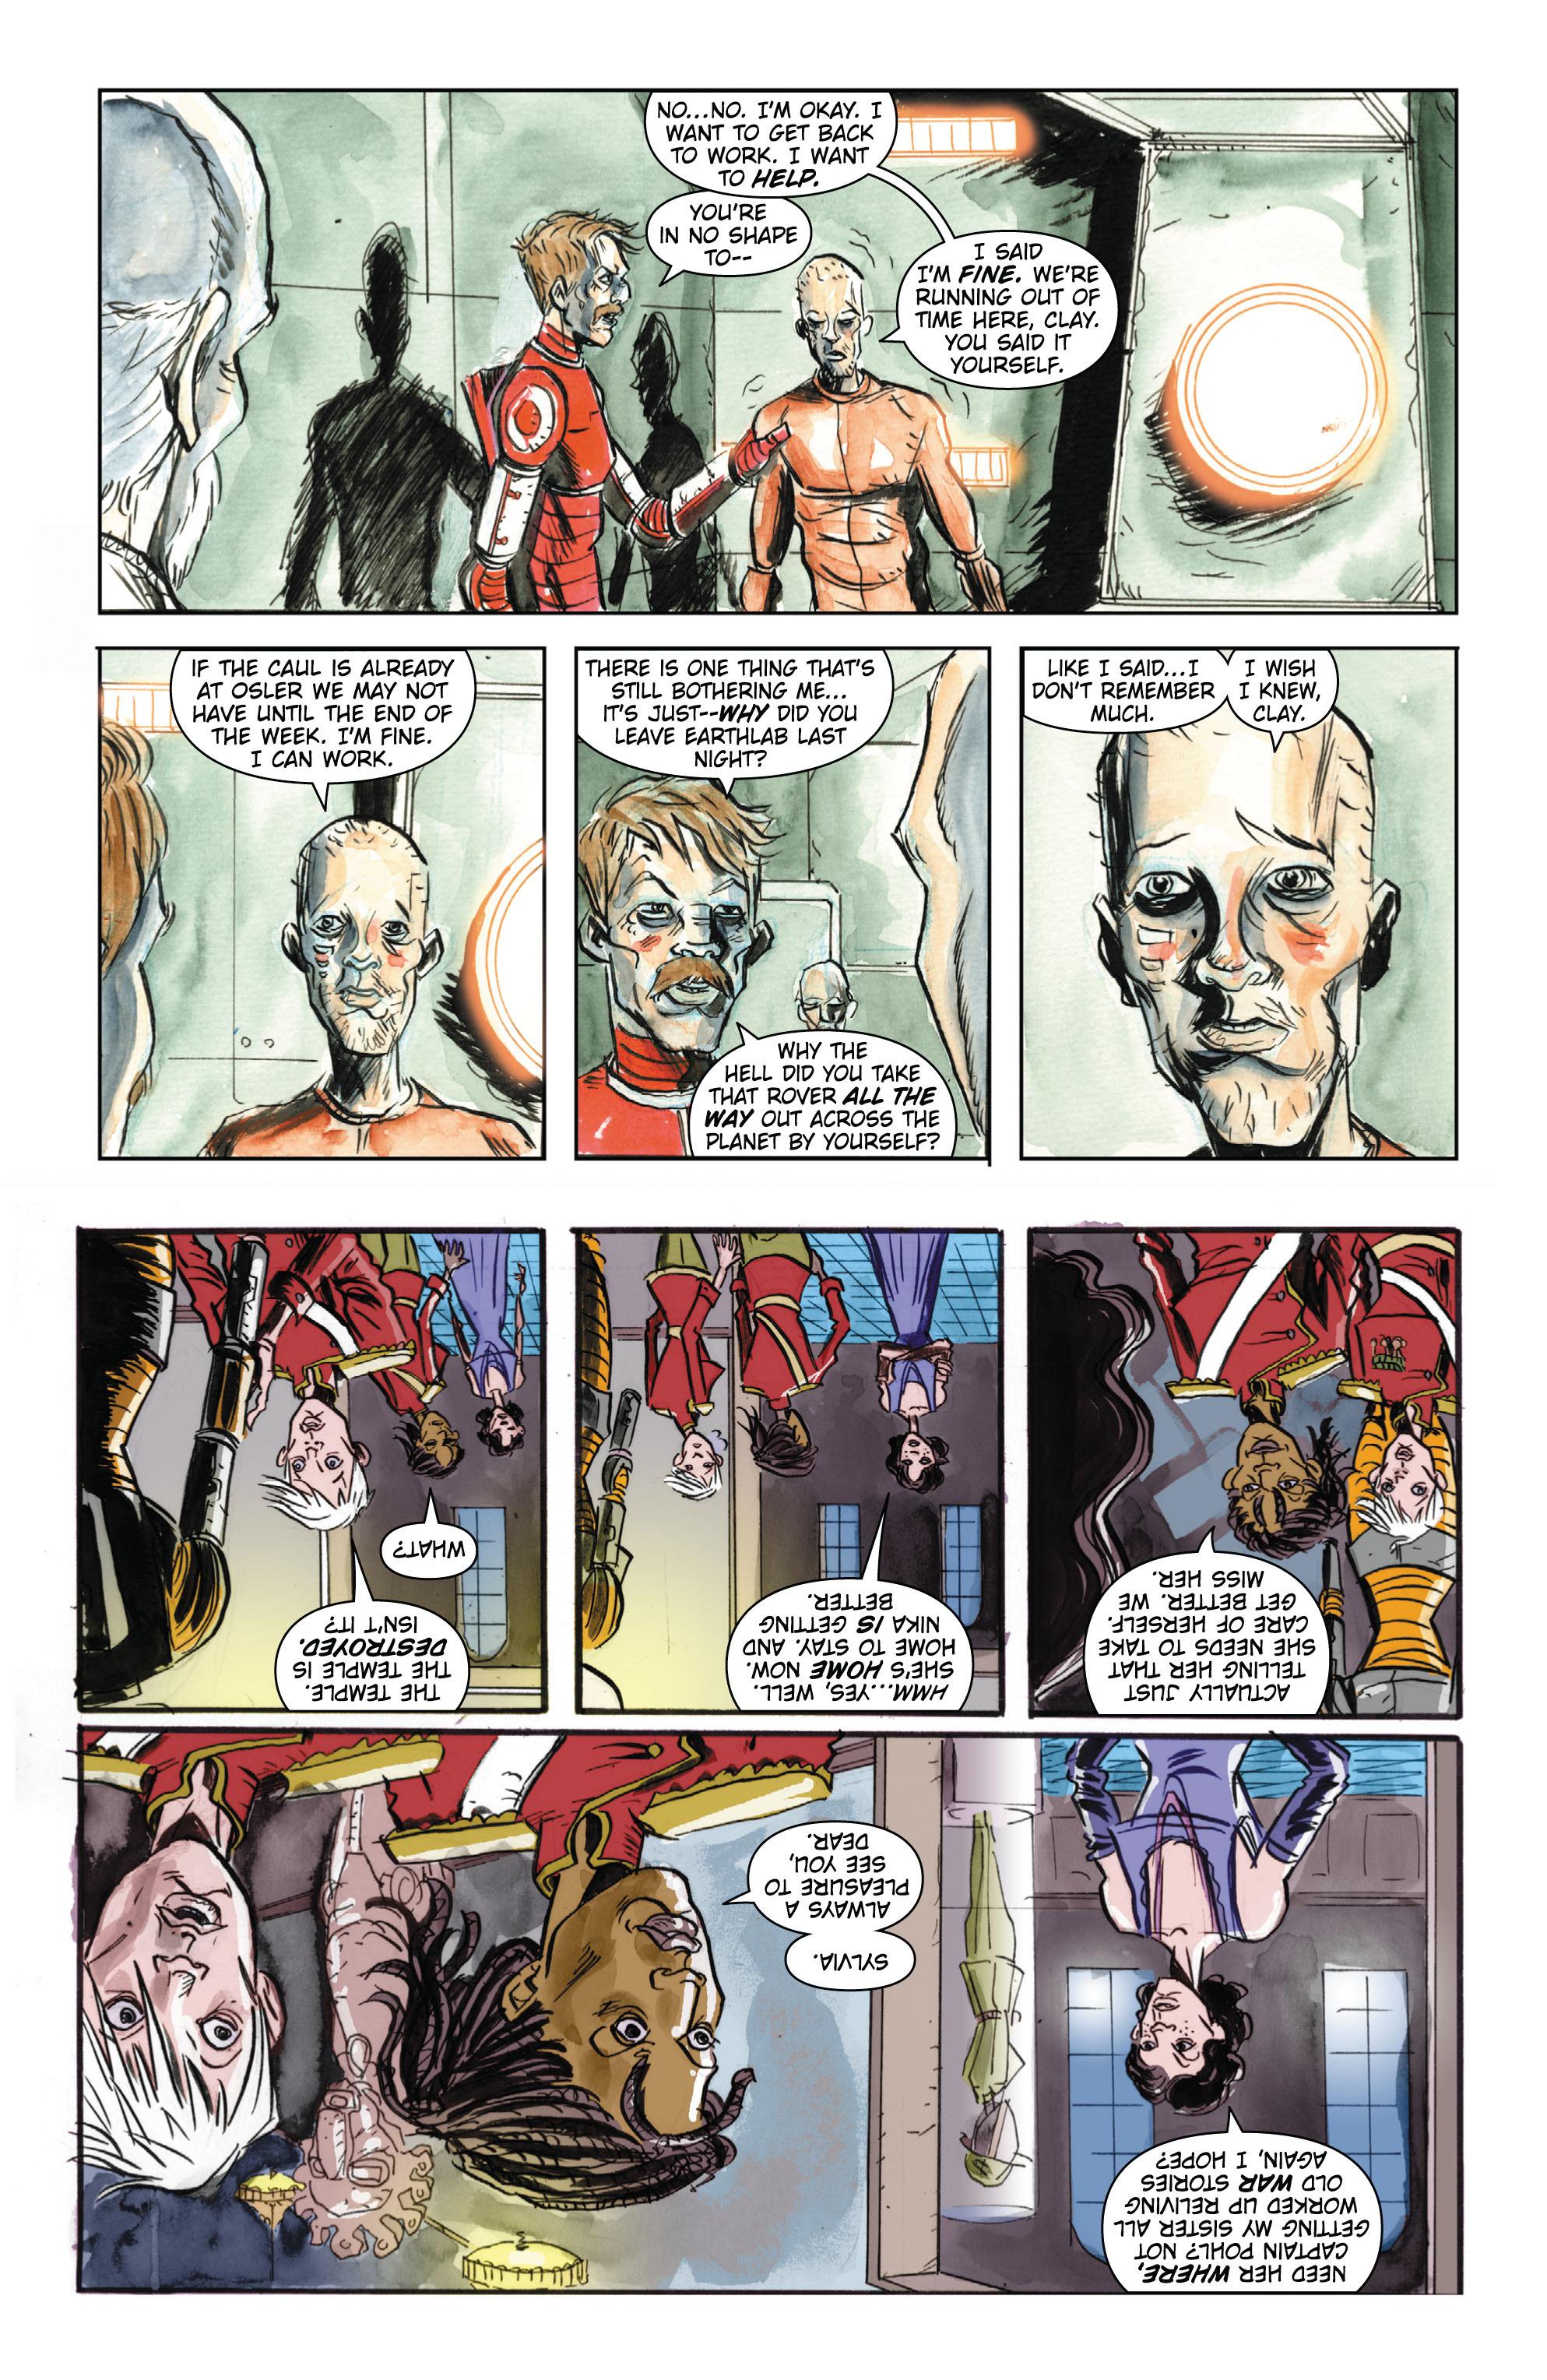 Read online Trillium comic -  Issue # TPB - 122